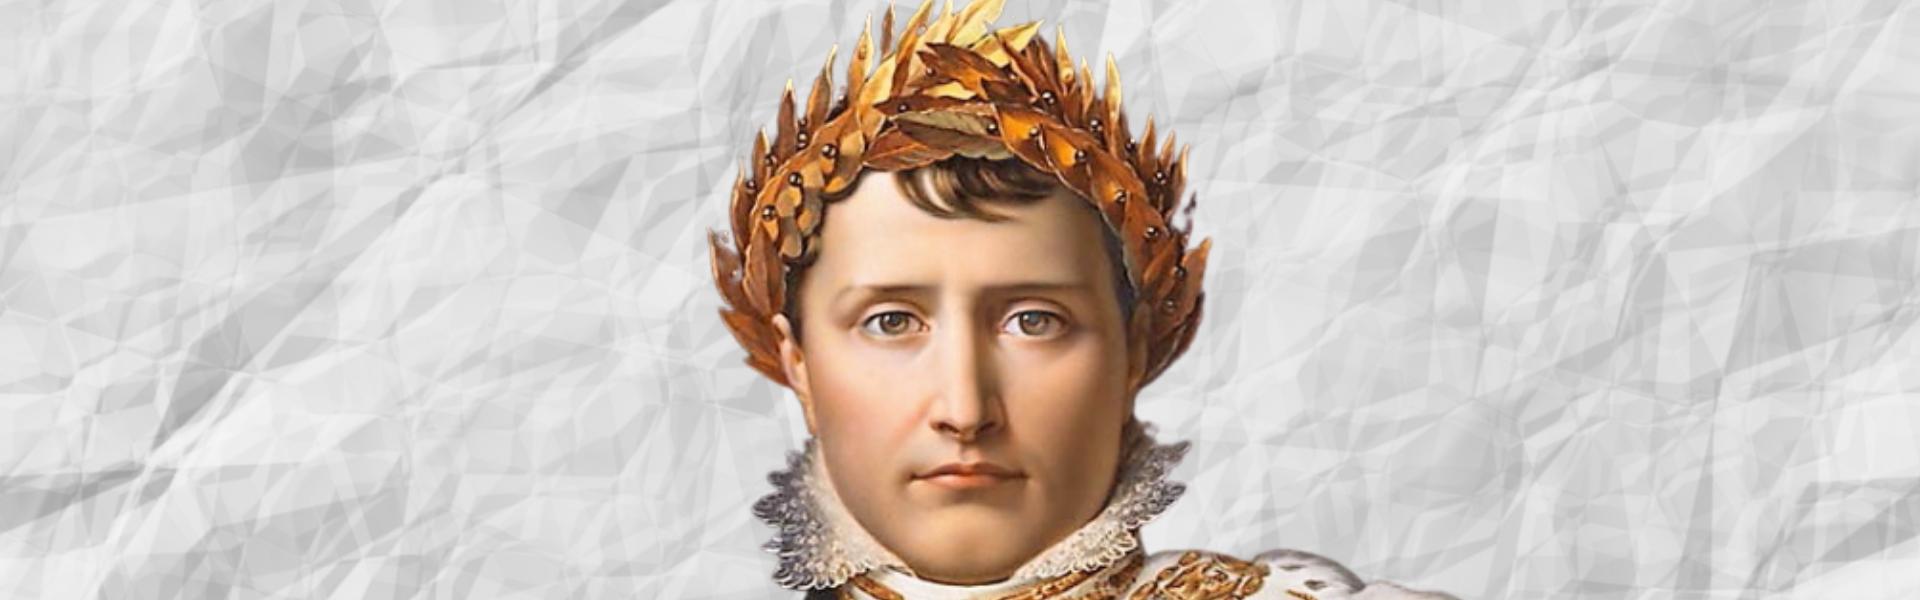 200 anni dalla morte di Napoleone: l'imperatore che non riuscì ad invadere la Sicilia